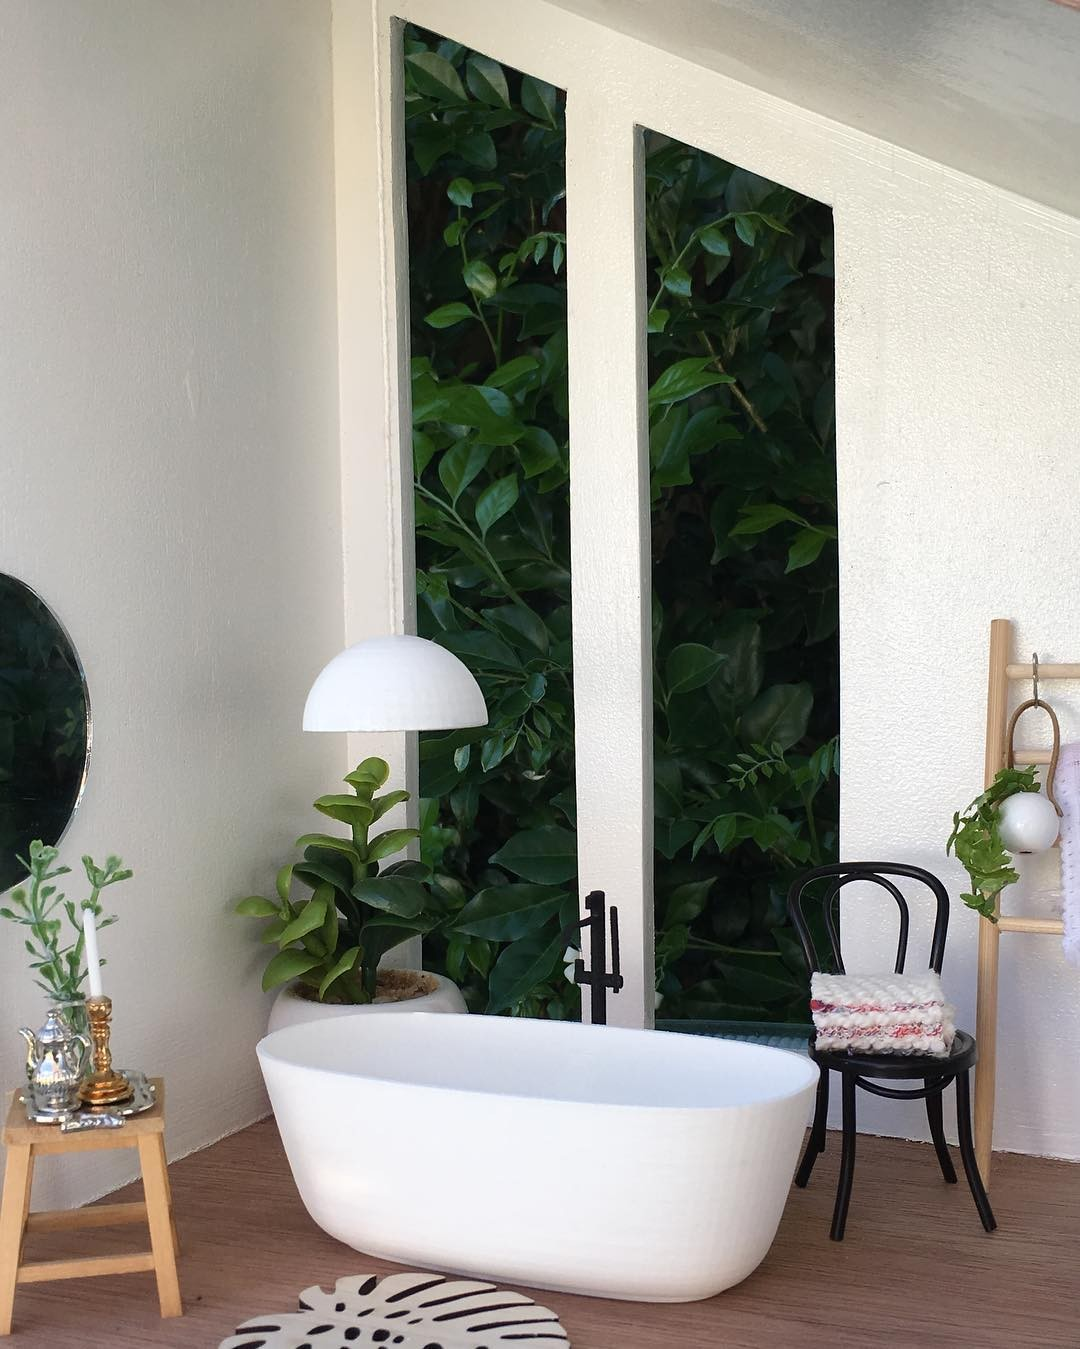 Banheiro de casa ou spa?  (Foto: Reprodução Instagram @mini_modern_designs)